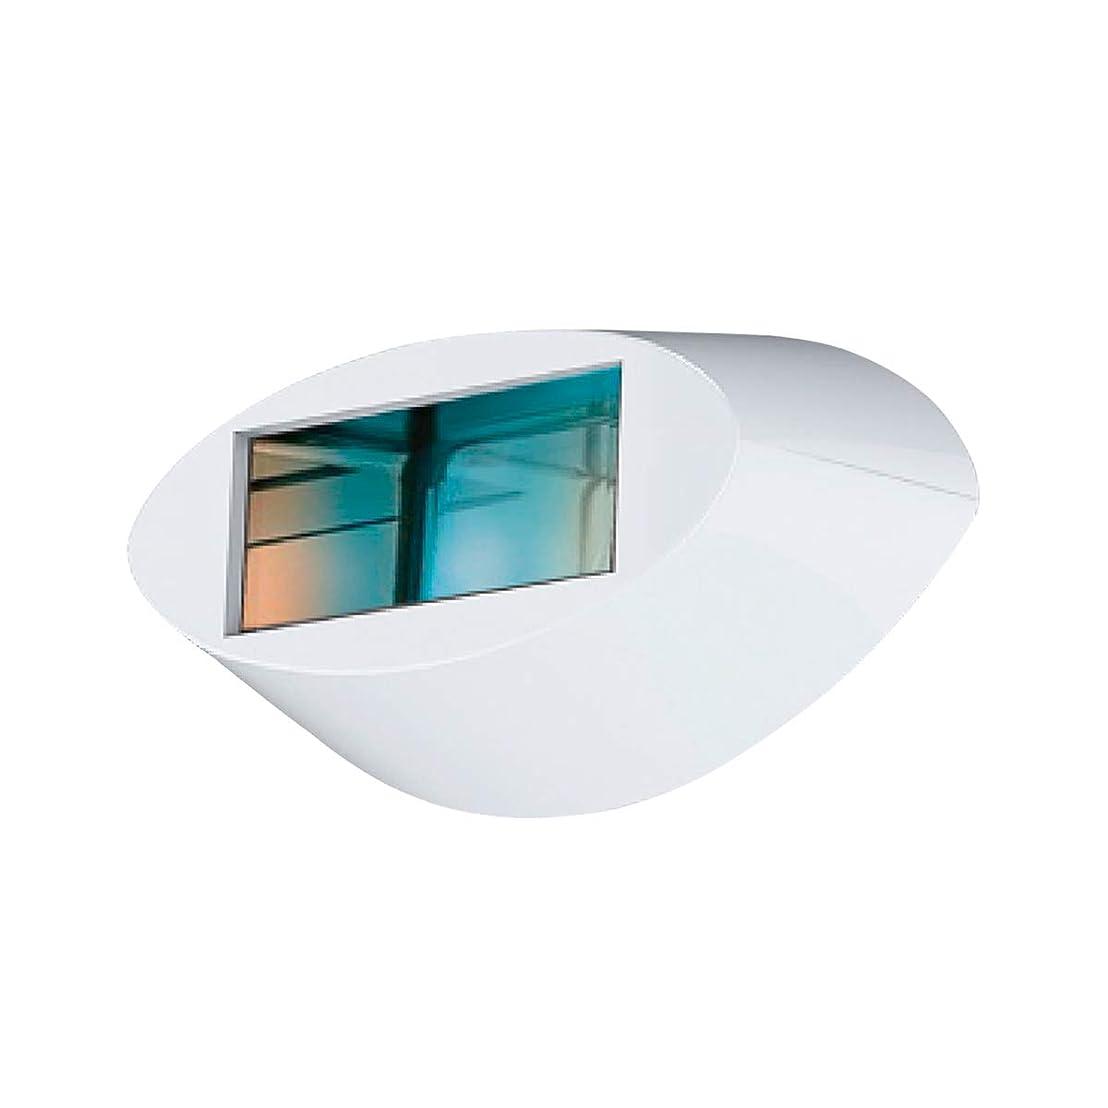 住むフィットネスカードCOSBEAUTY IPL光美容器 Perfect Smooth 2万回照射 専用カートリッジ